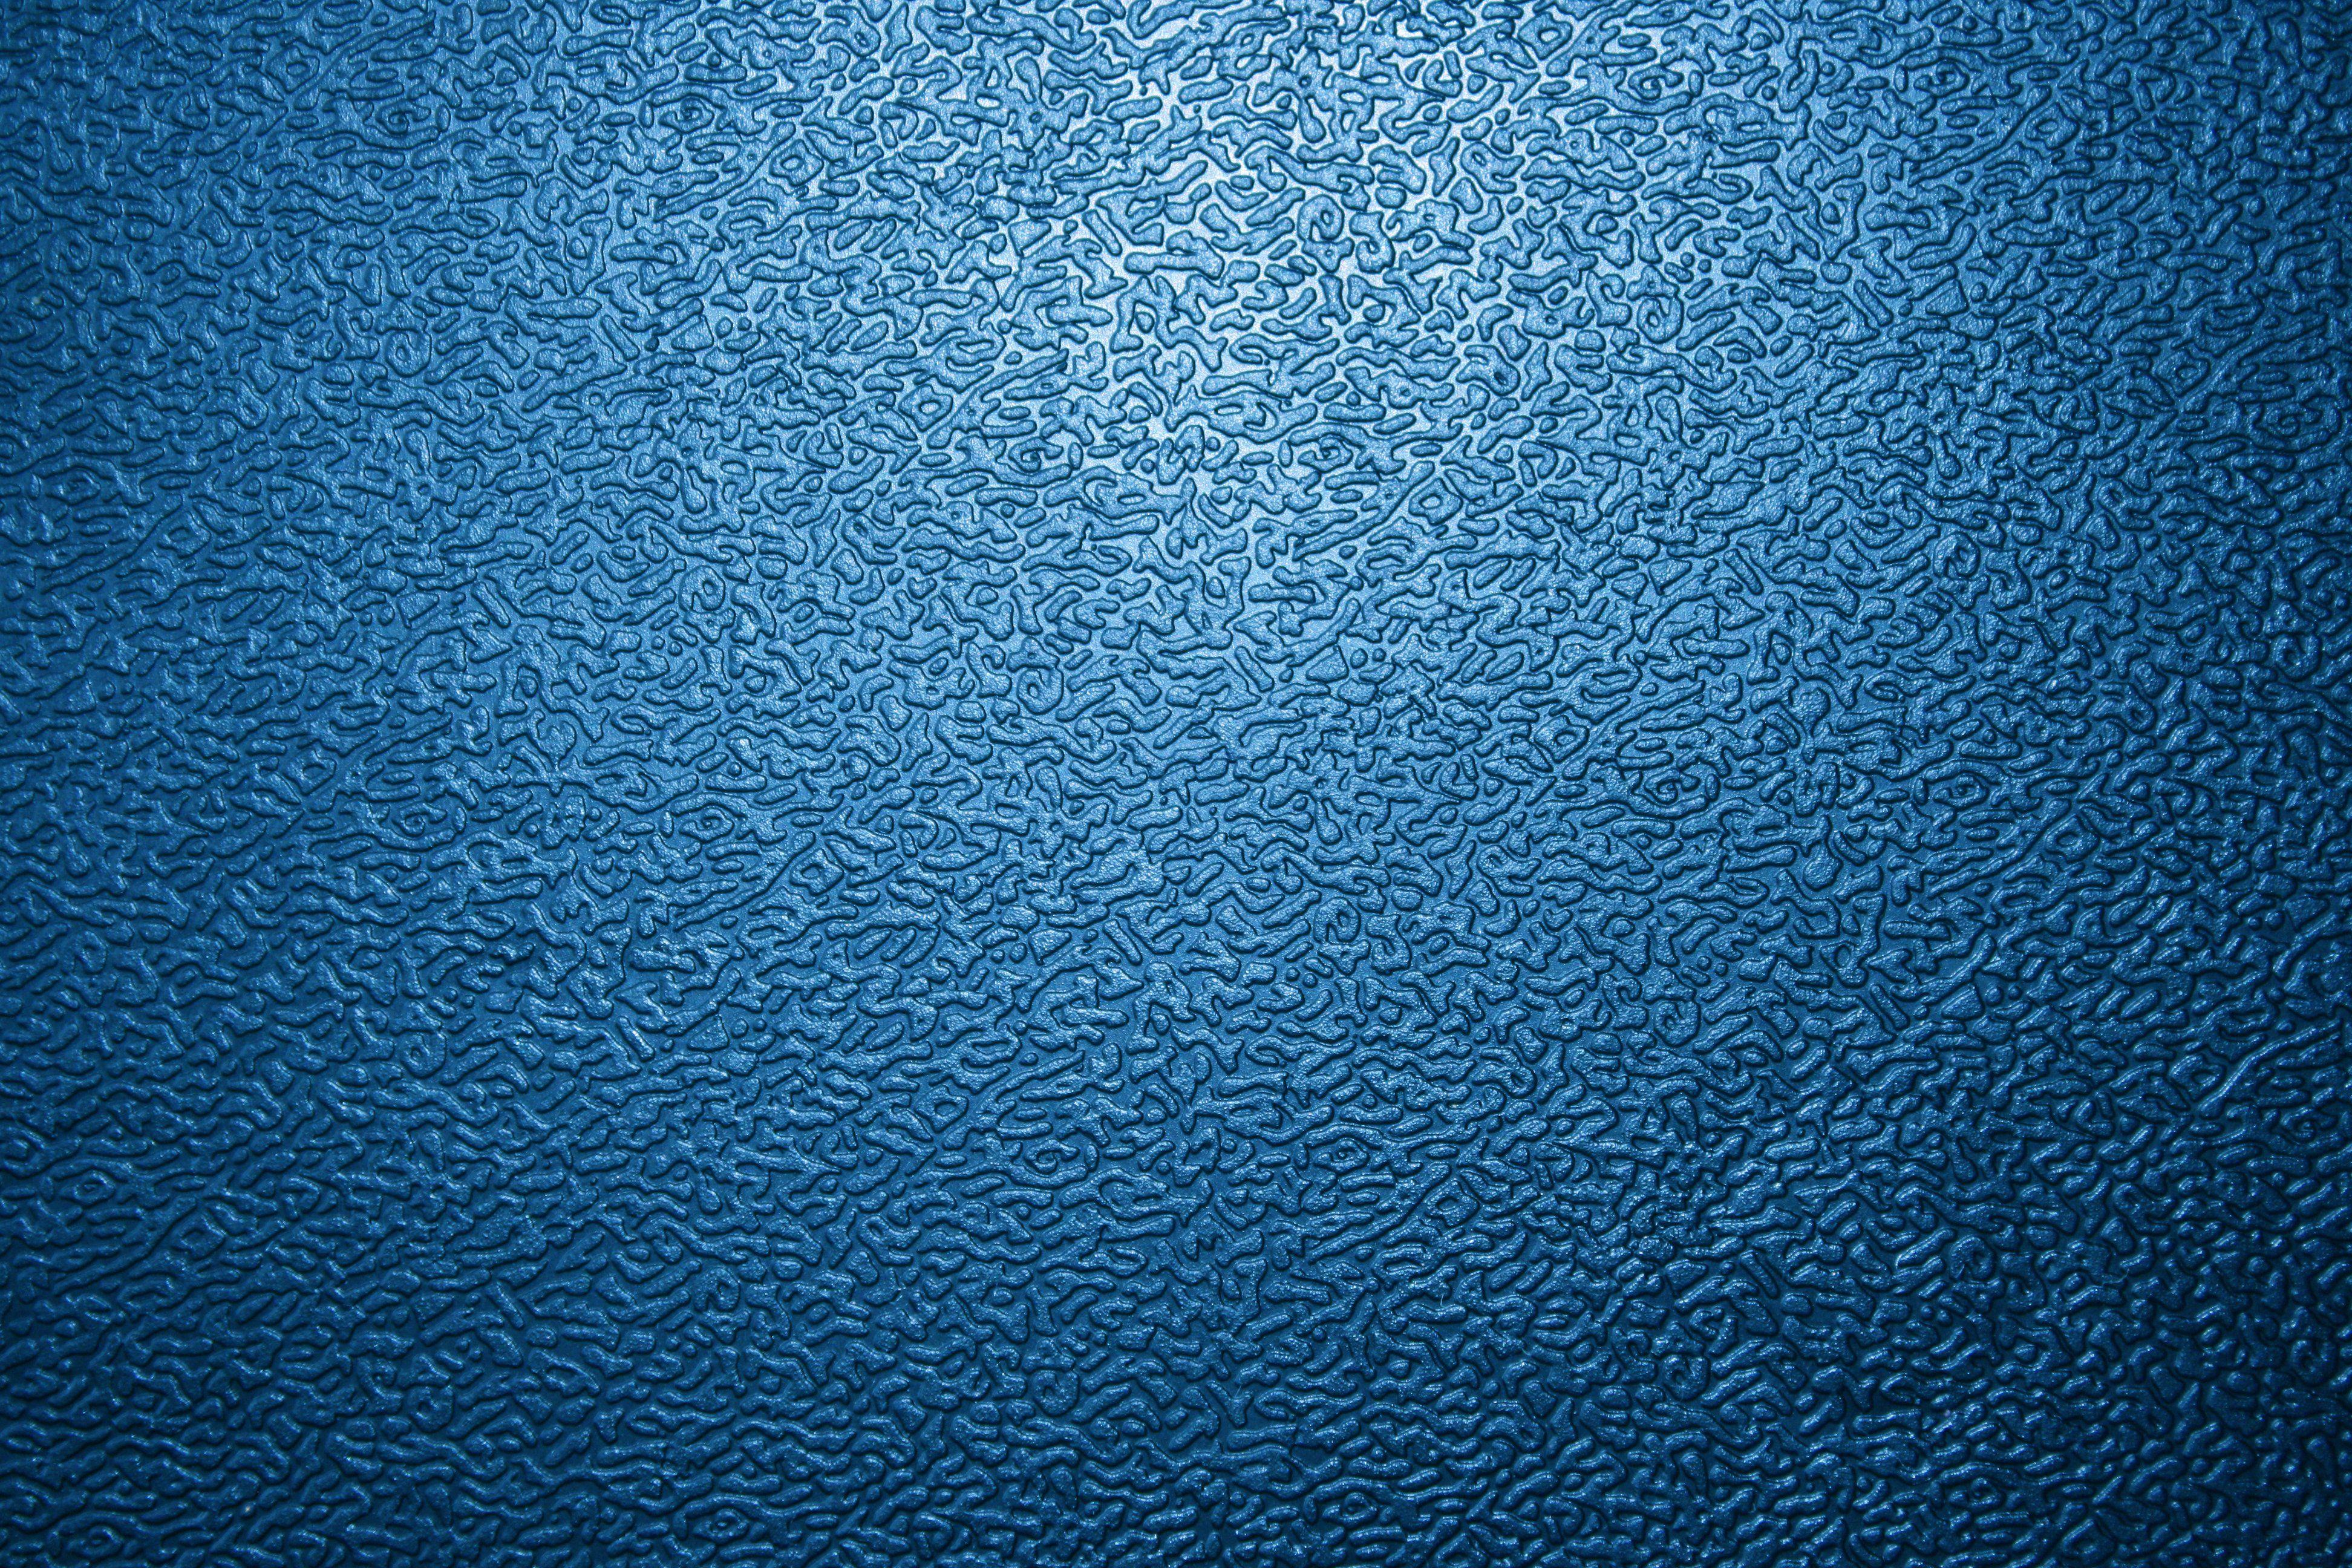 Blue Metallic Wallpaper HD Wallpapers Pinterest